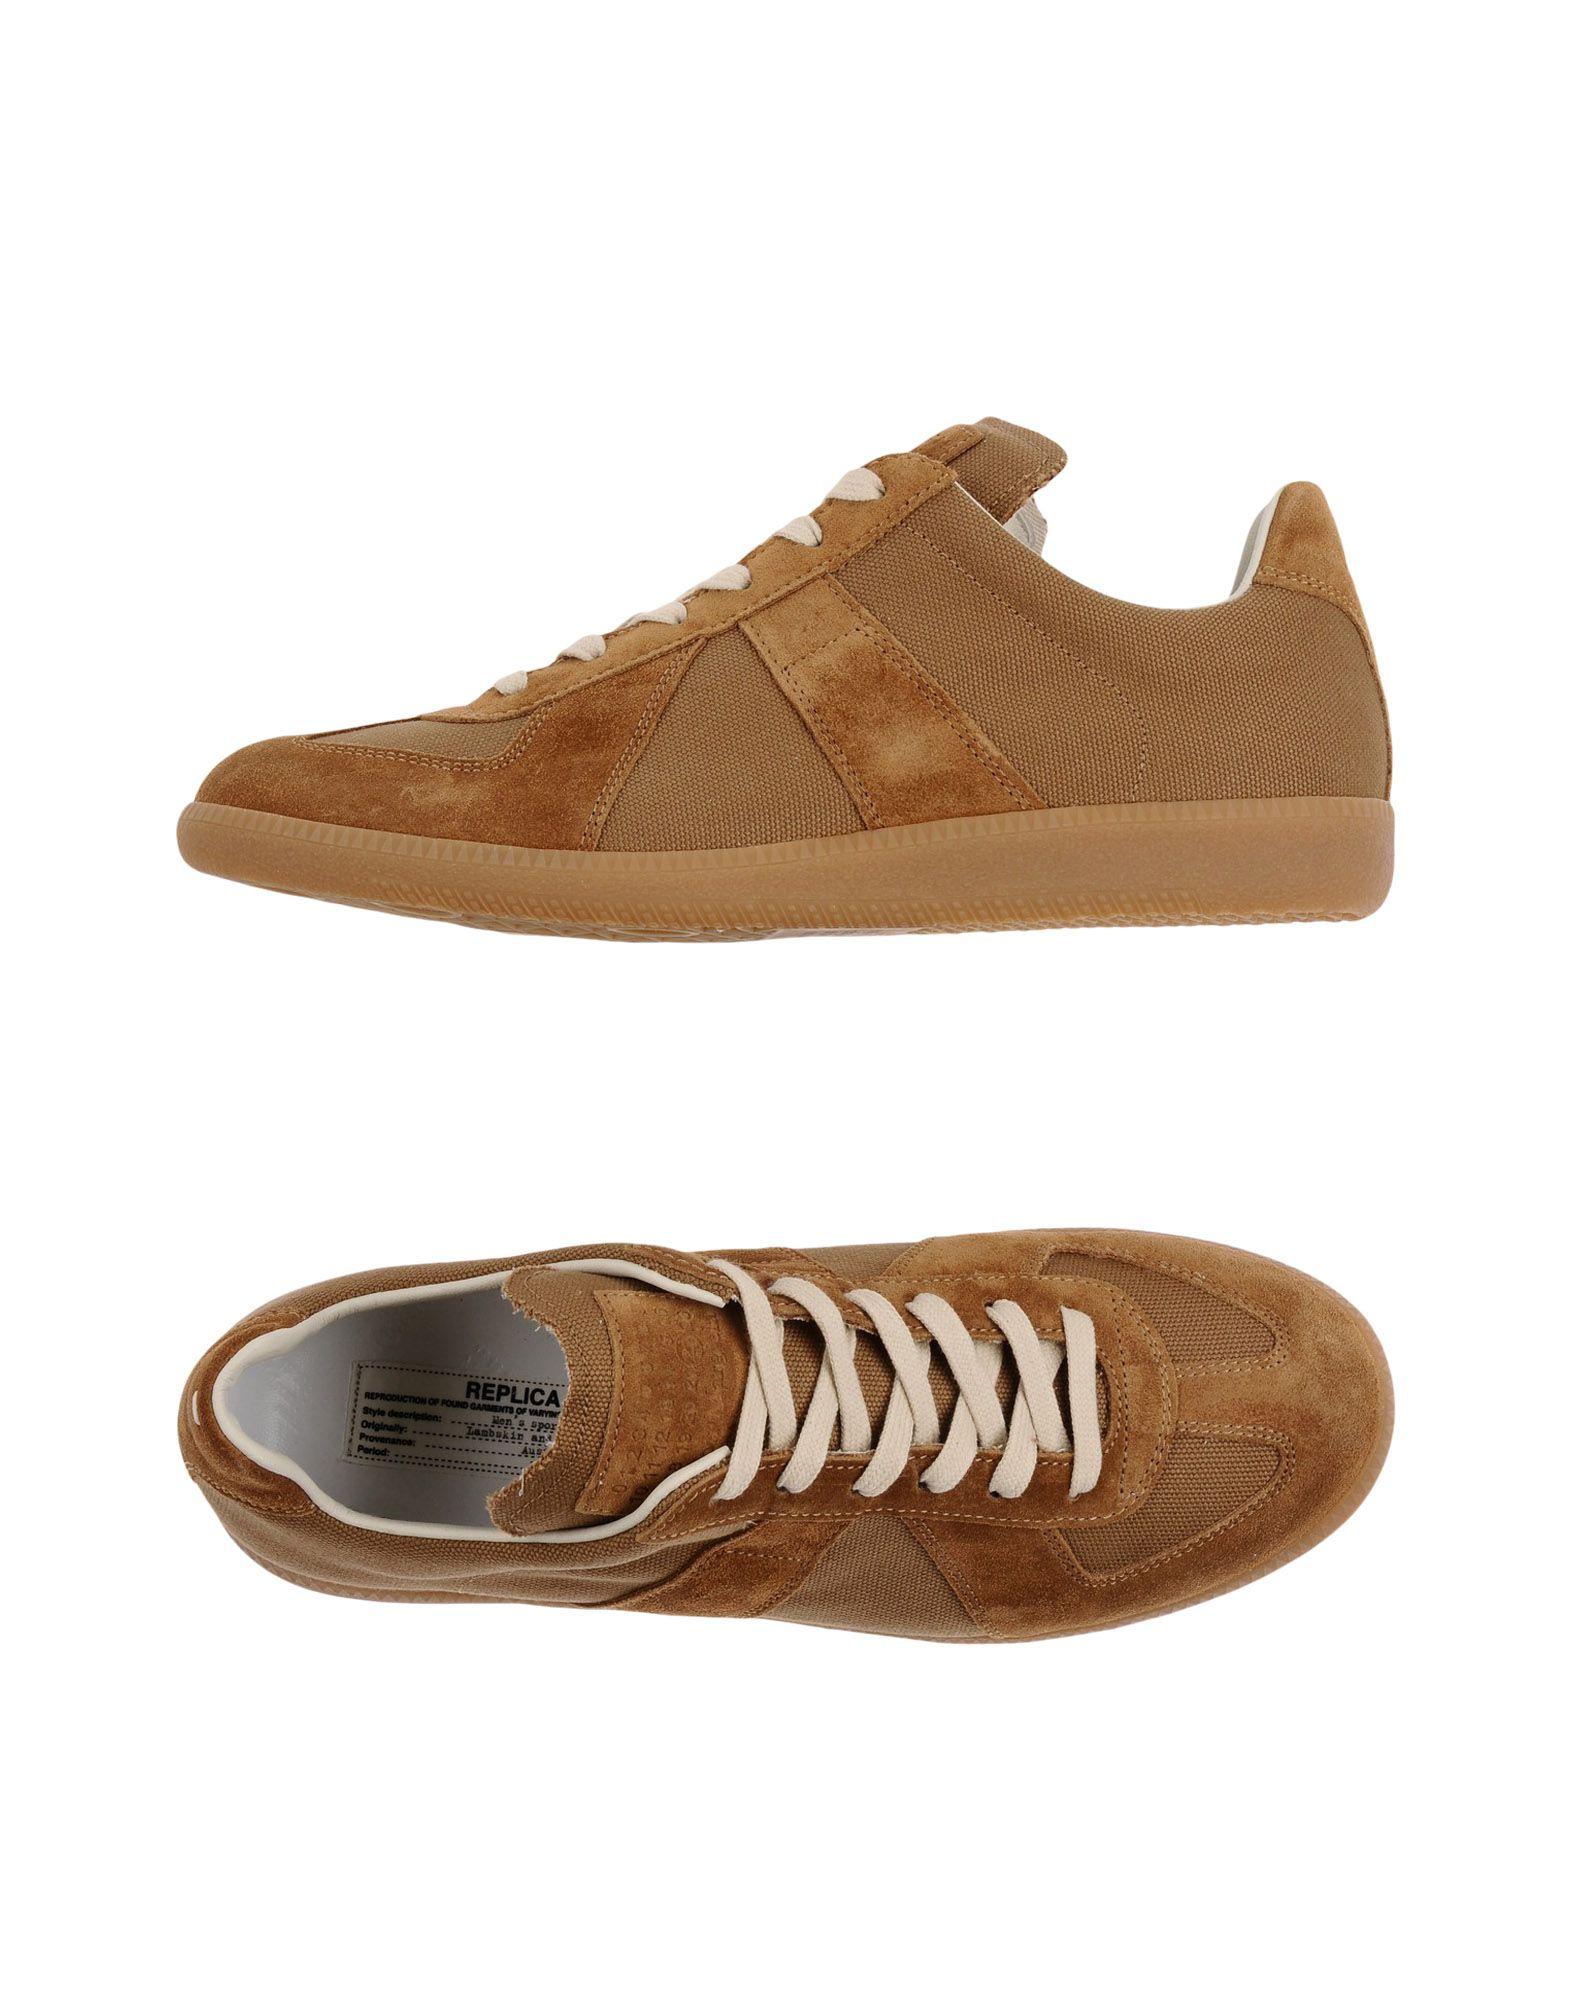 Maison Margiela Sneakers Sneakers Margiela Herren  11343477XU abb30d